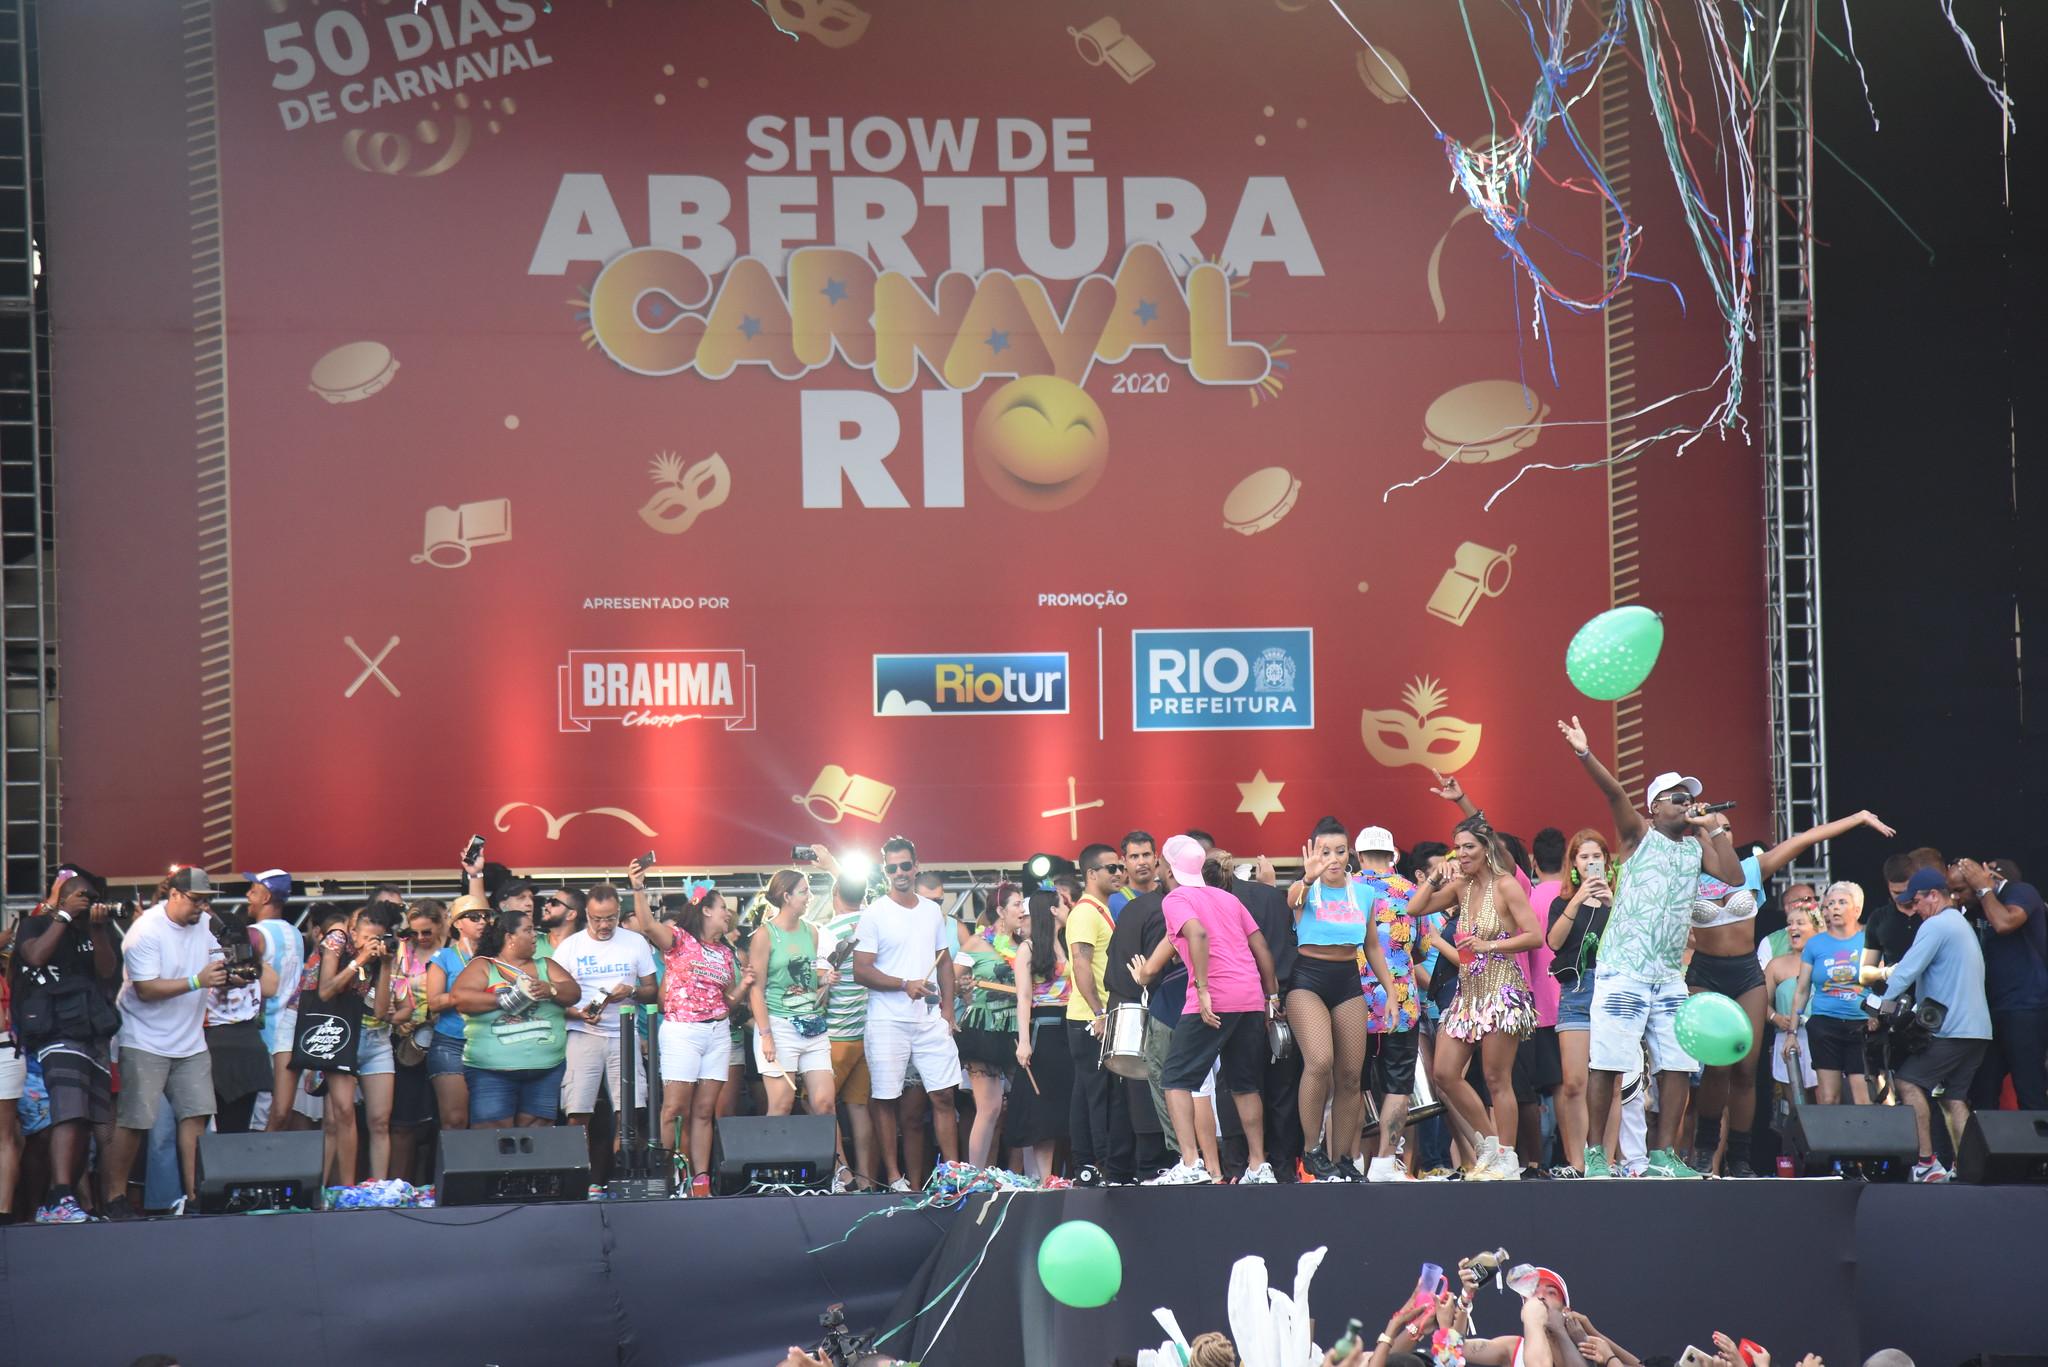 Abertura do Carnaval Rio 2020 - Foto: Alexandre Macieira | Riotur